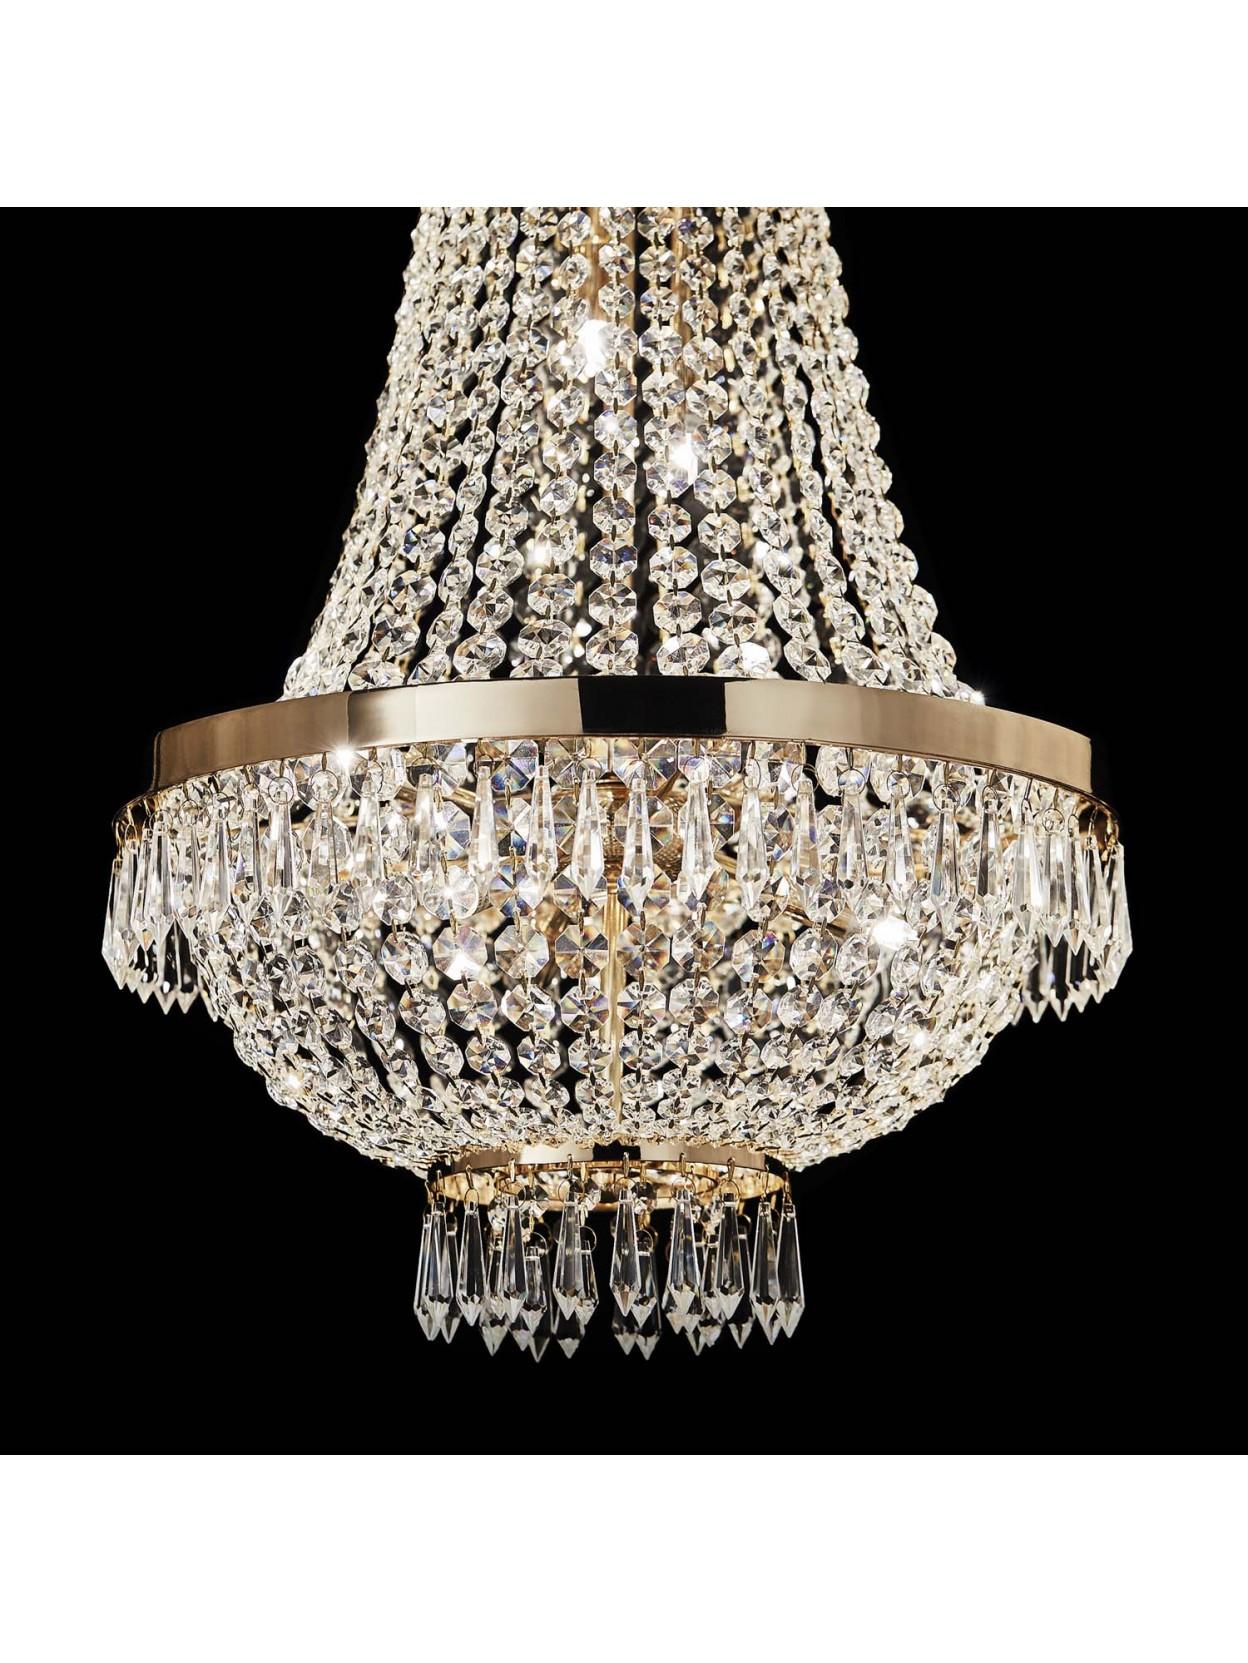 Lampadario in cristallo classico 9 luci Caesar oro